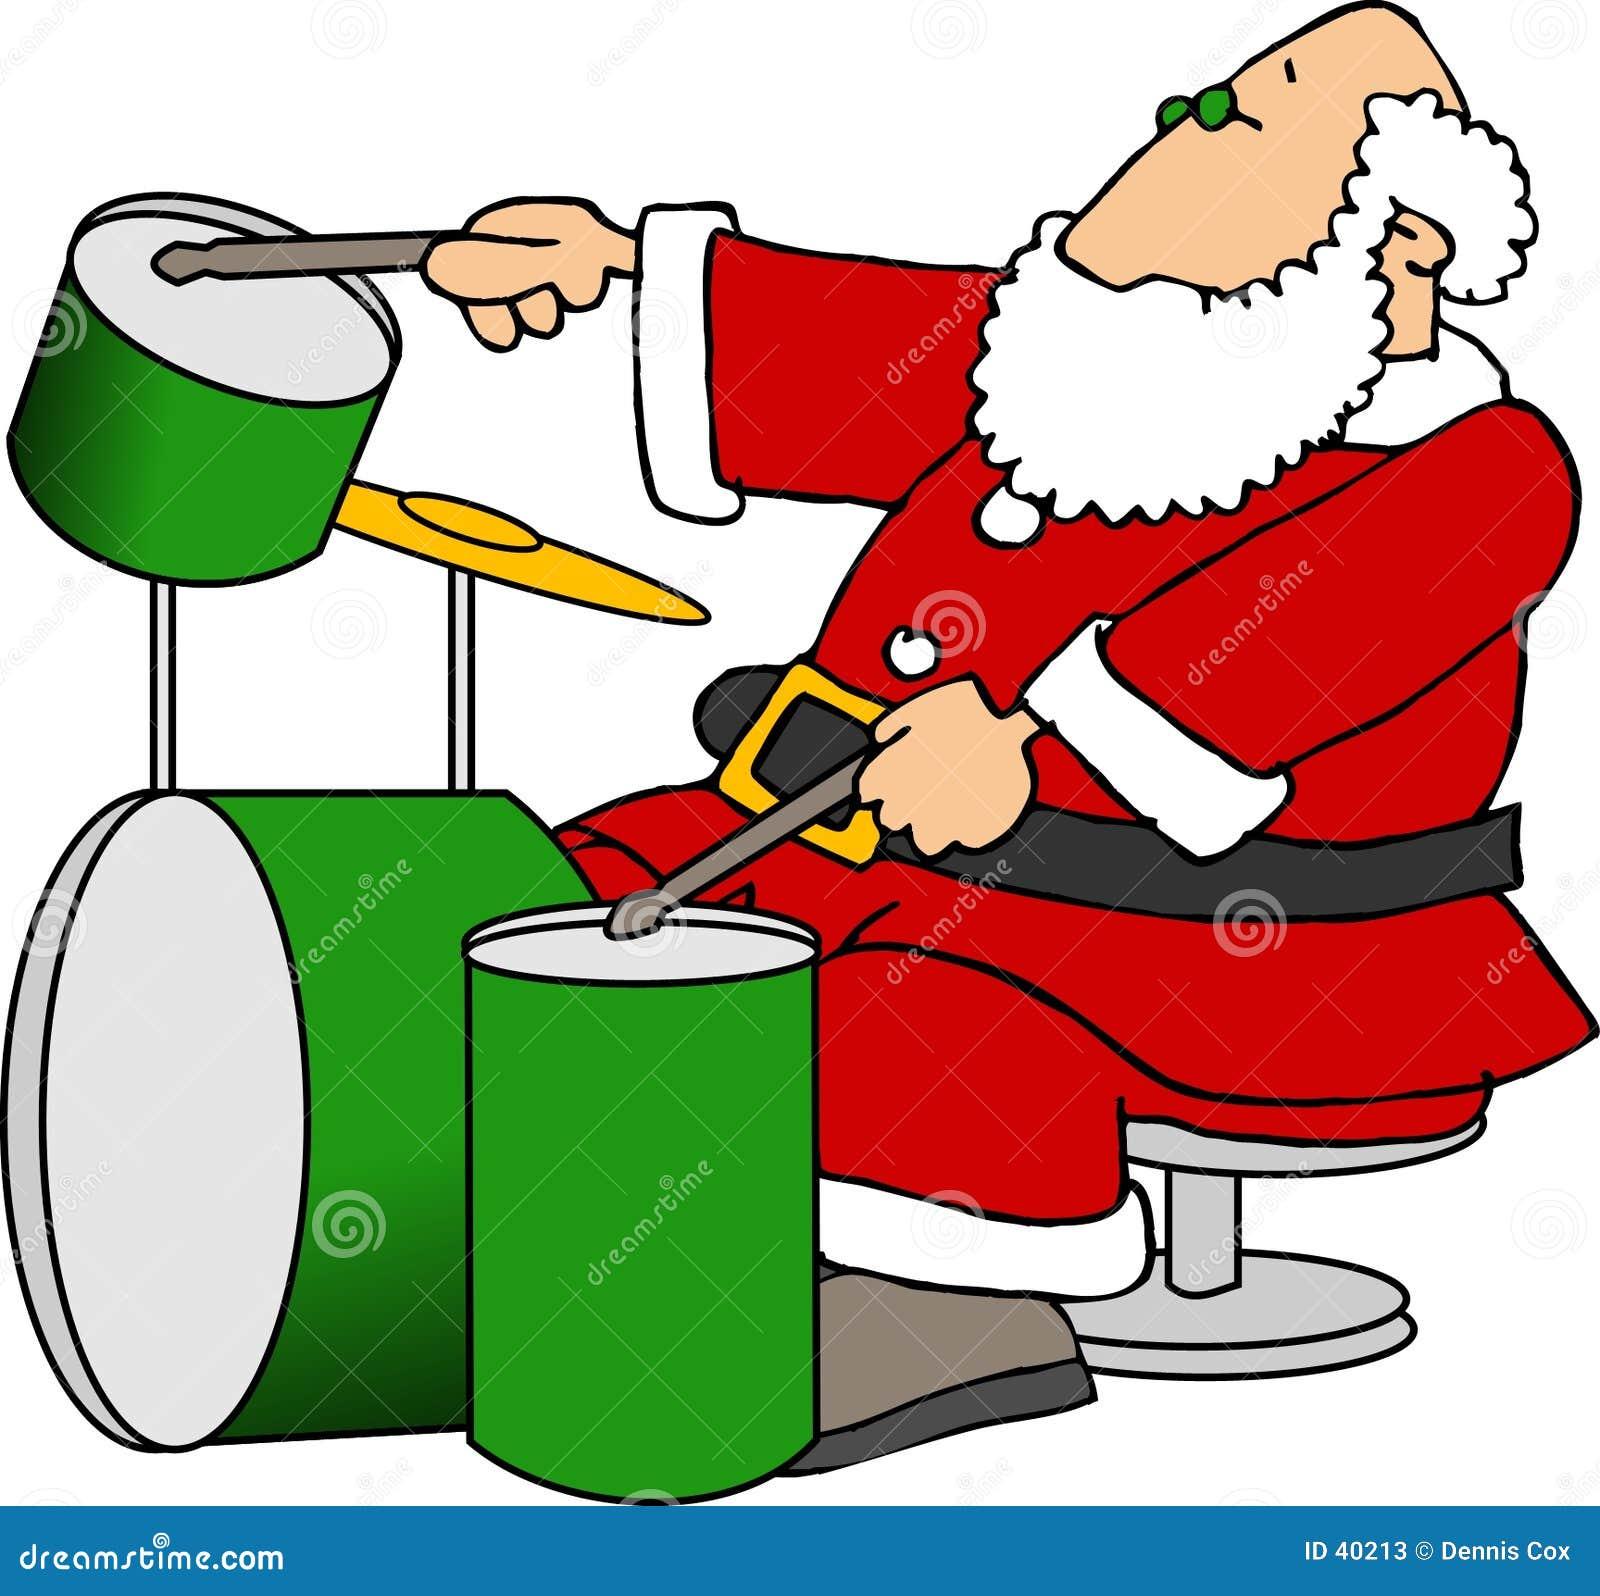 Santa Playing Drums